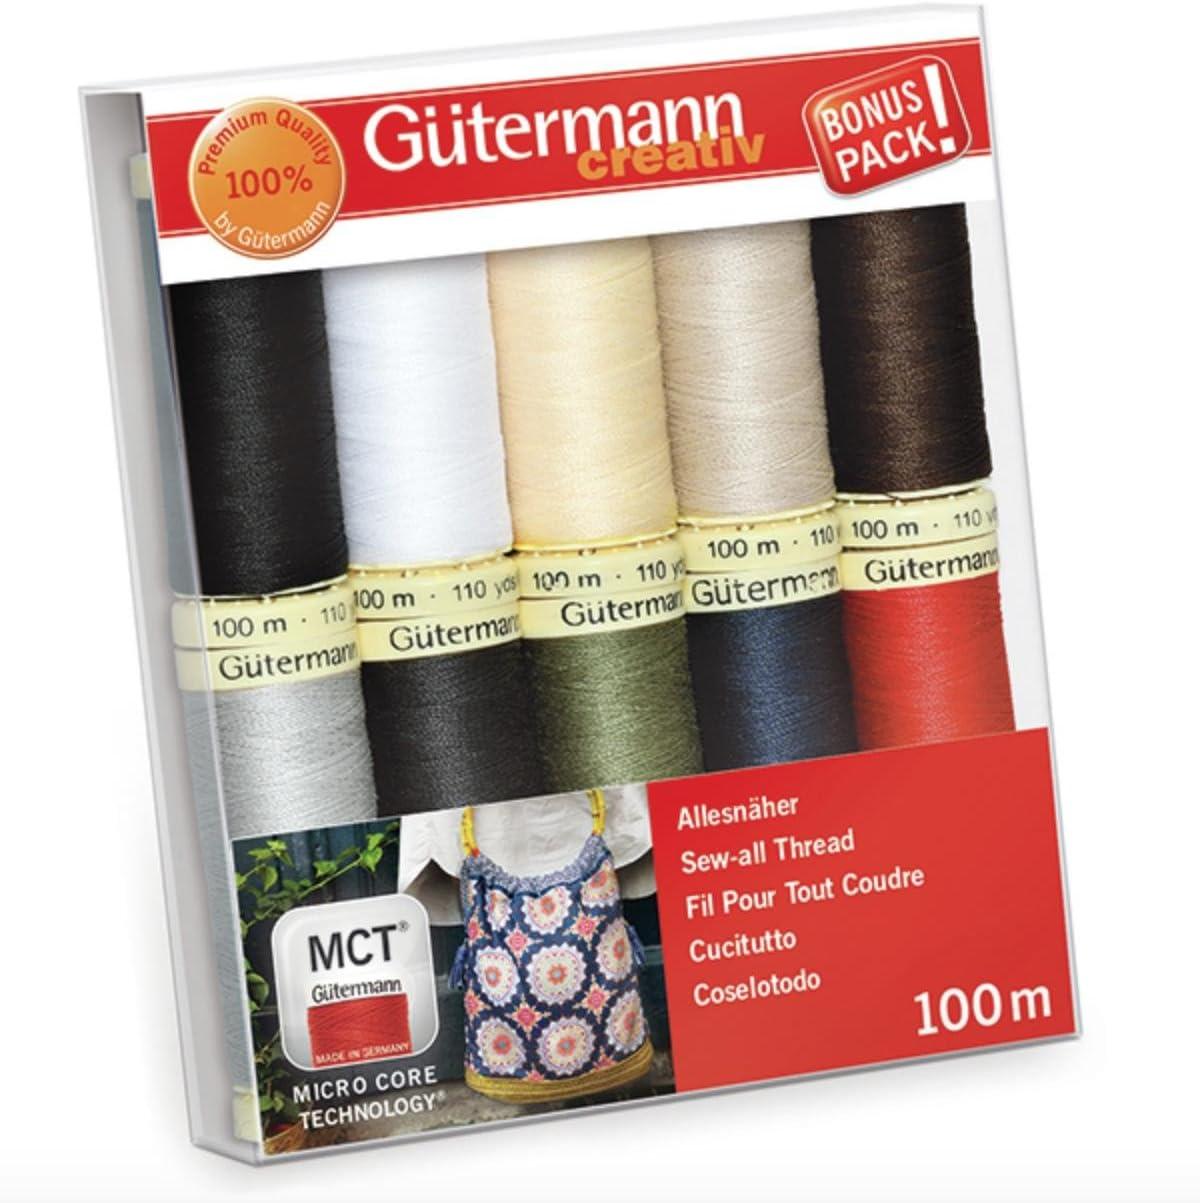 Gutermann - Juego de hilos, multicolor